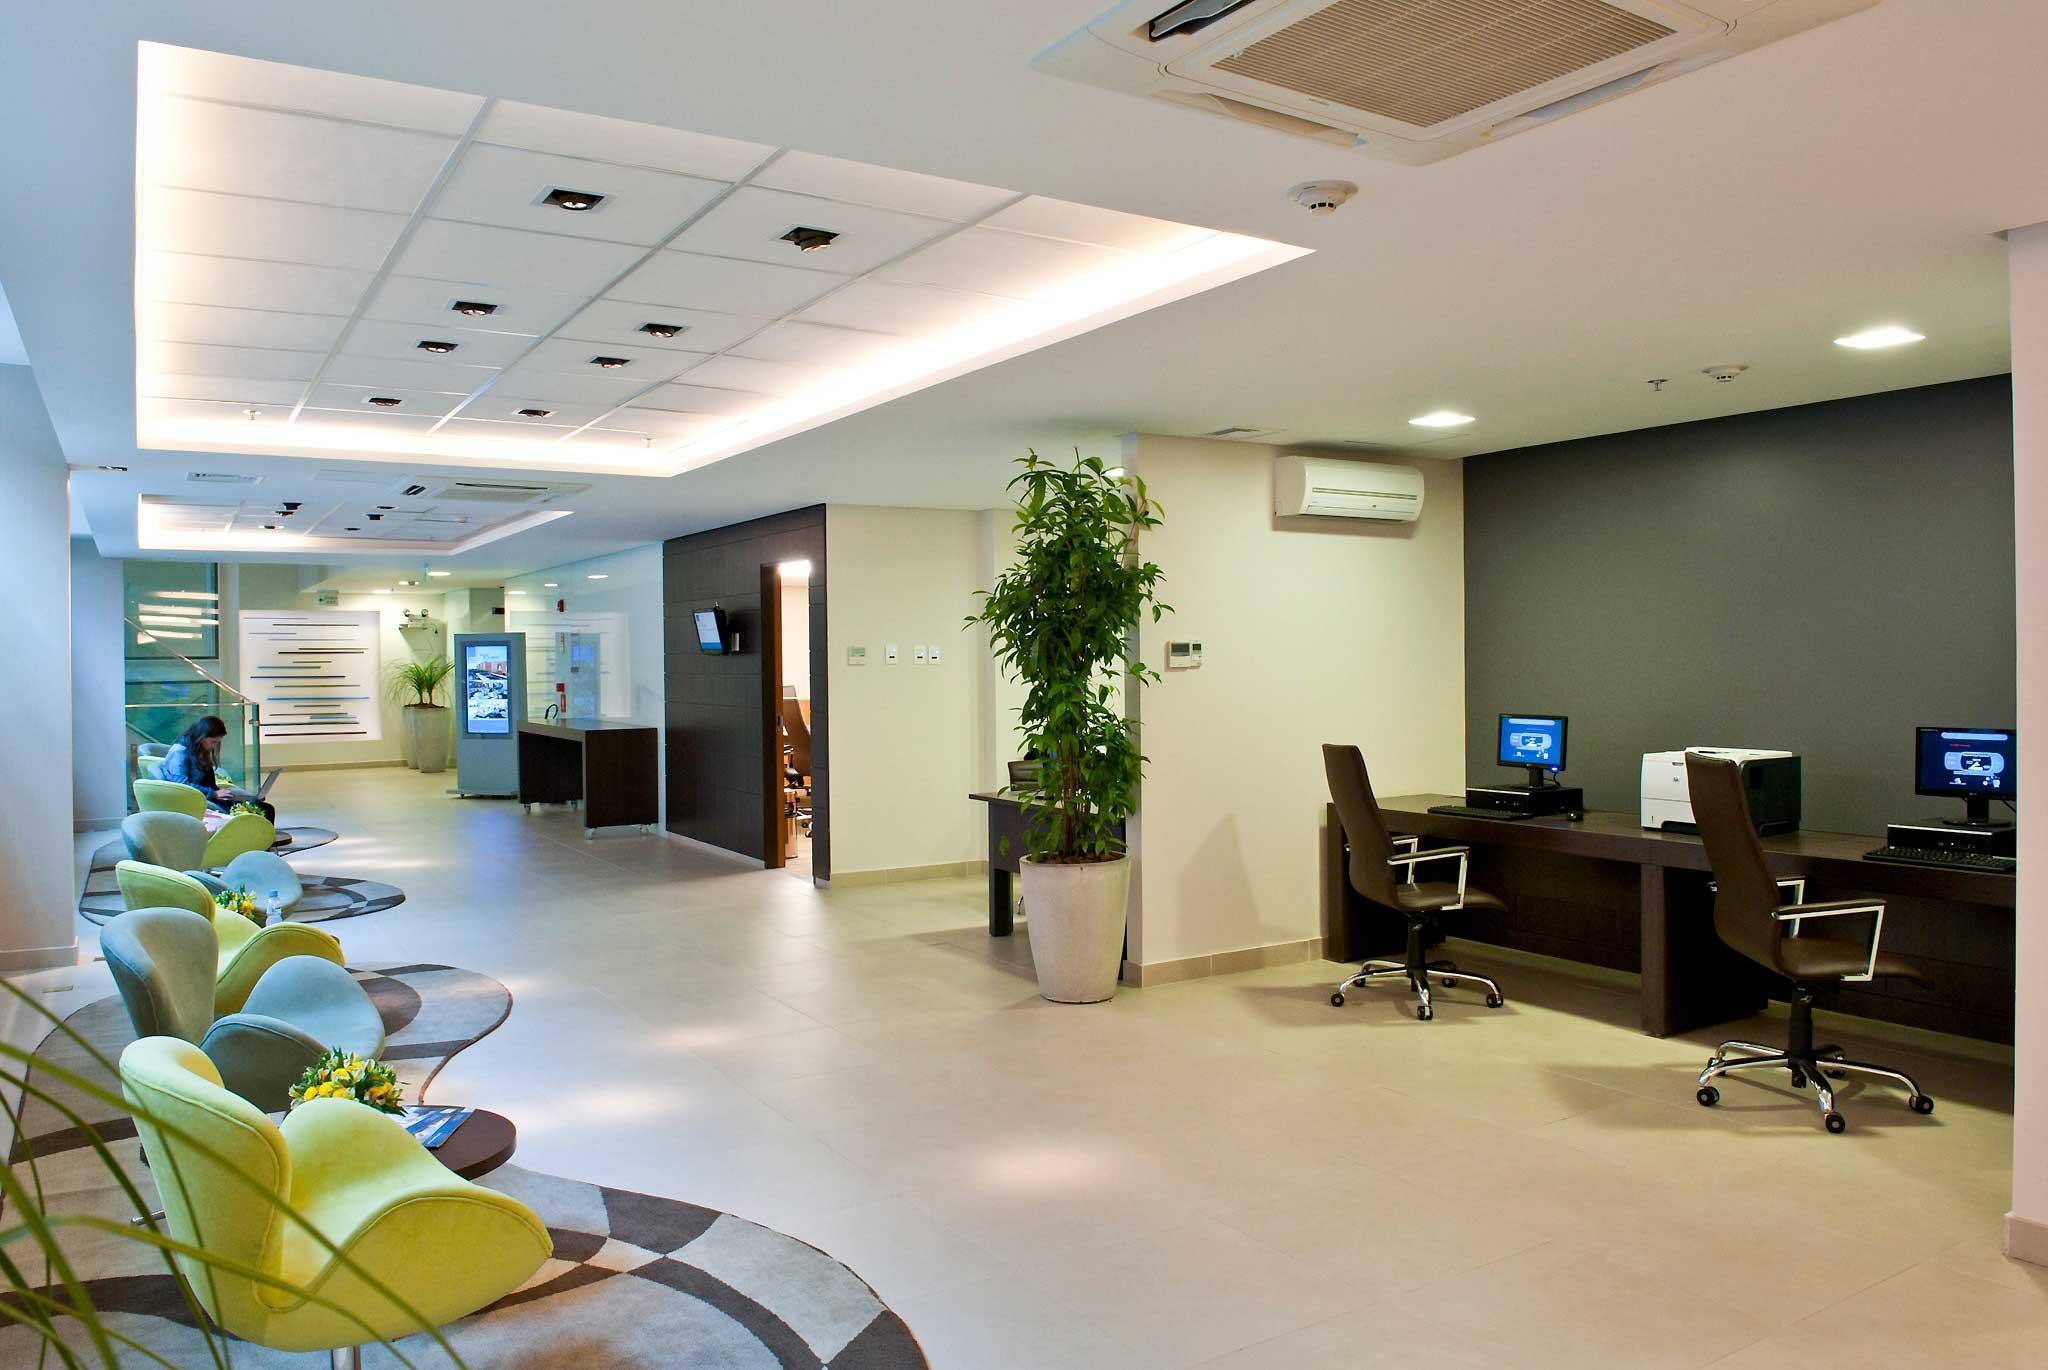 Novotel Rio de Janeiro Santos Dumont Centrum rekreacyjne